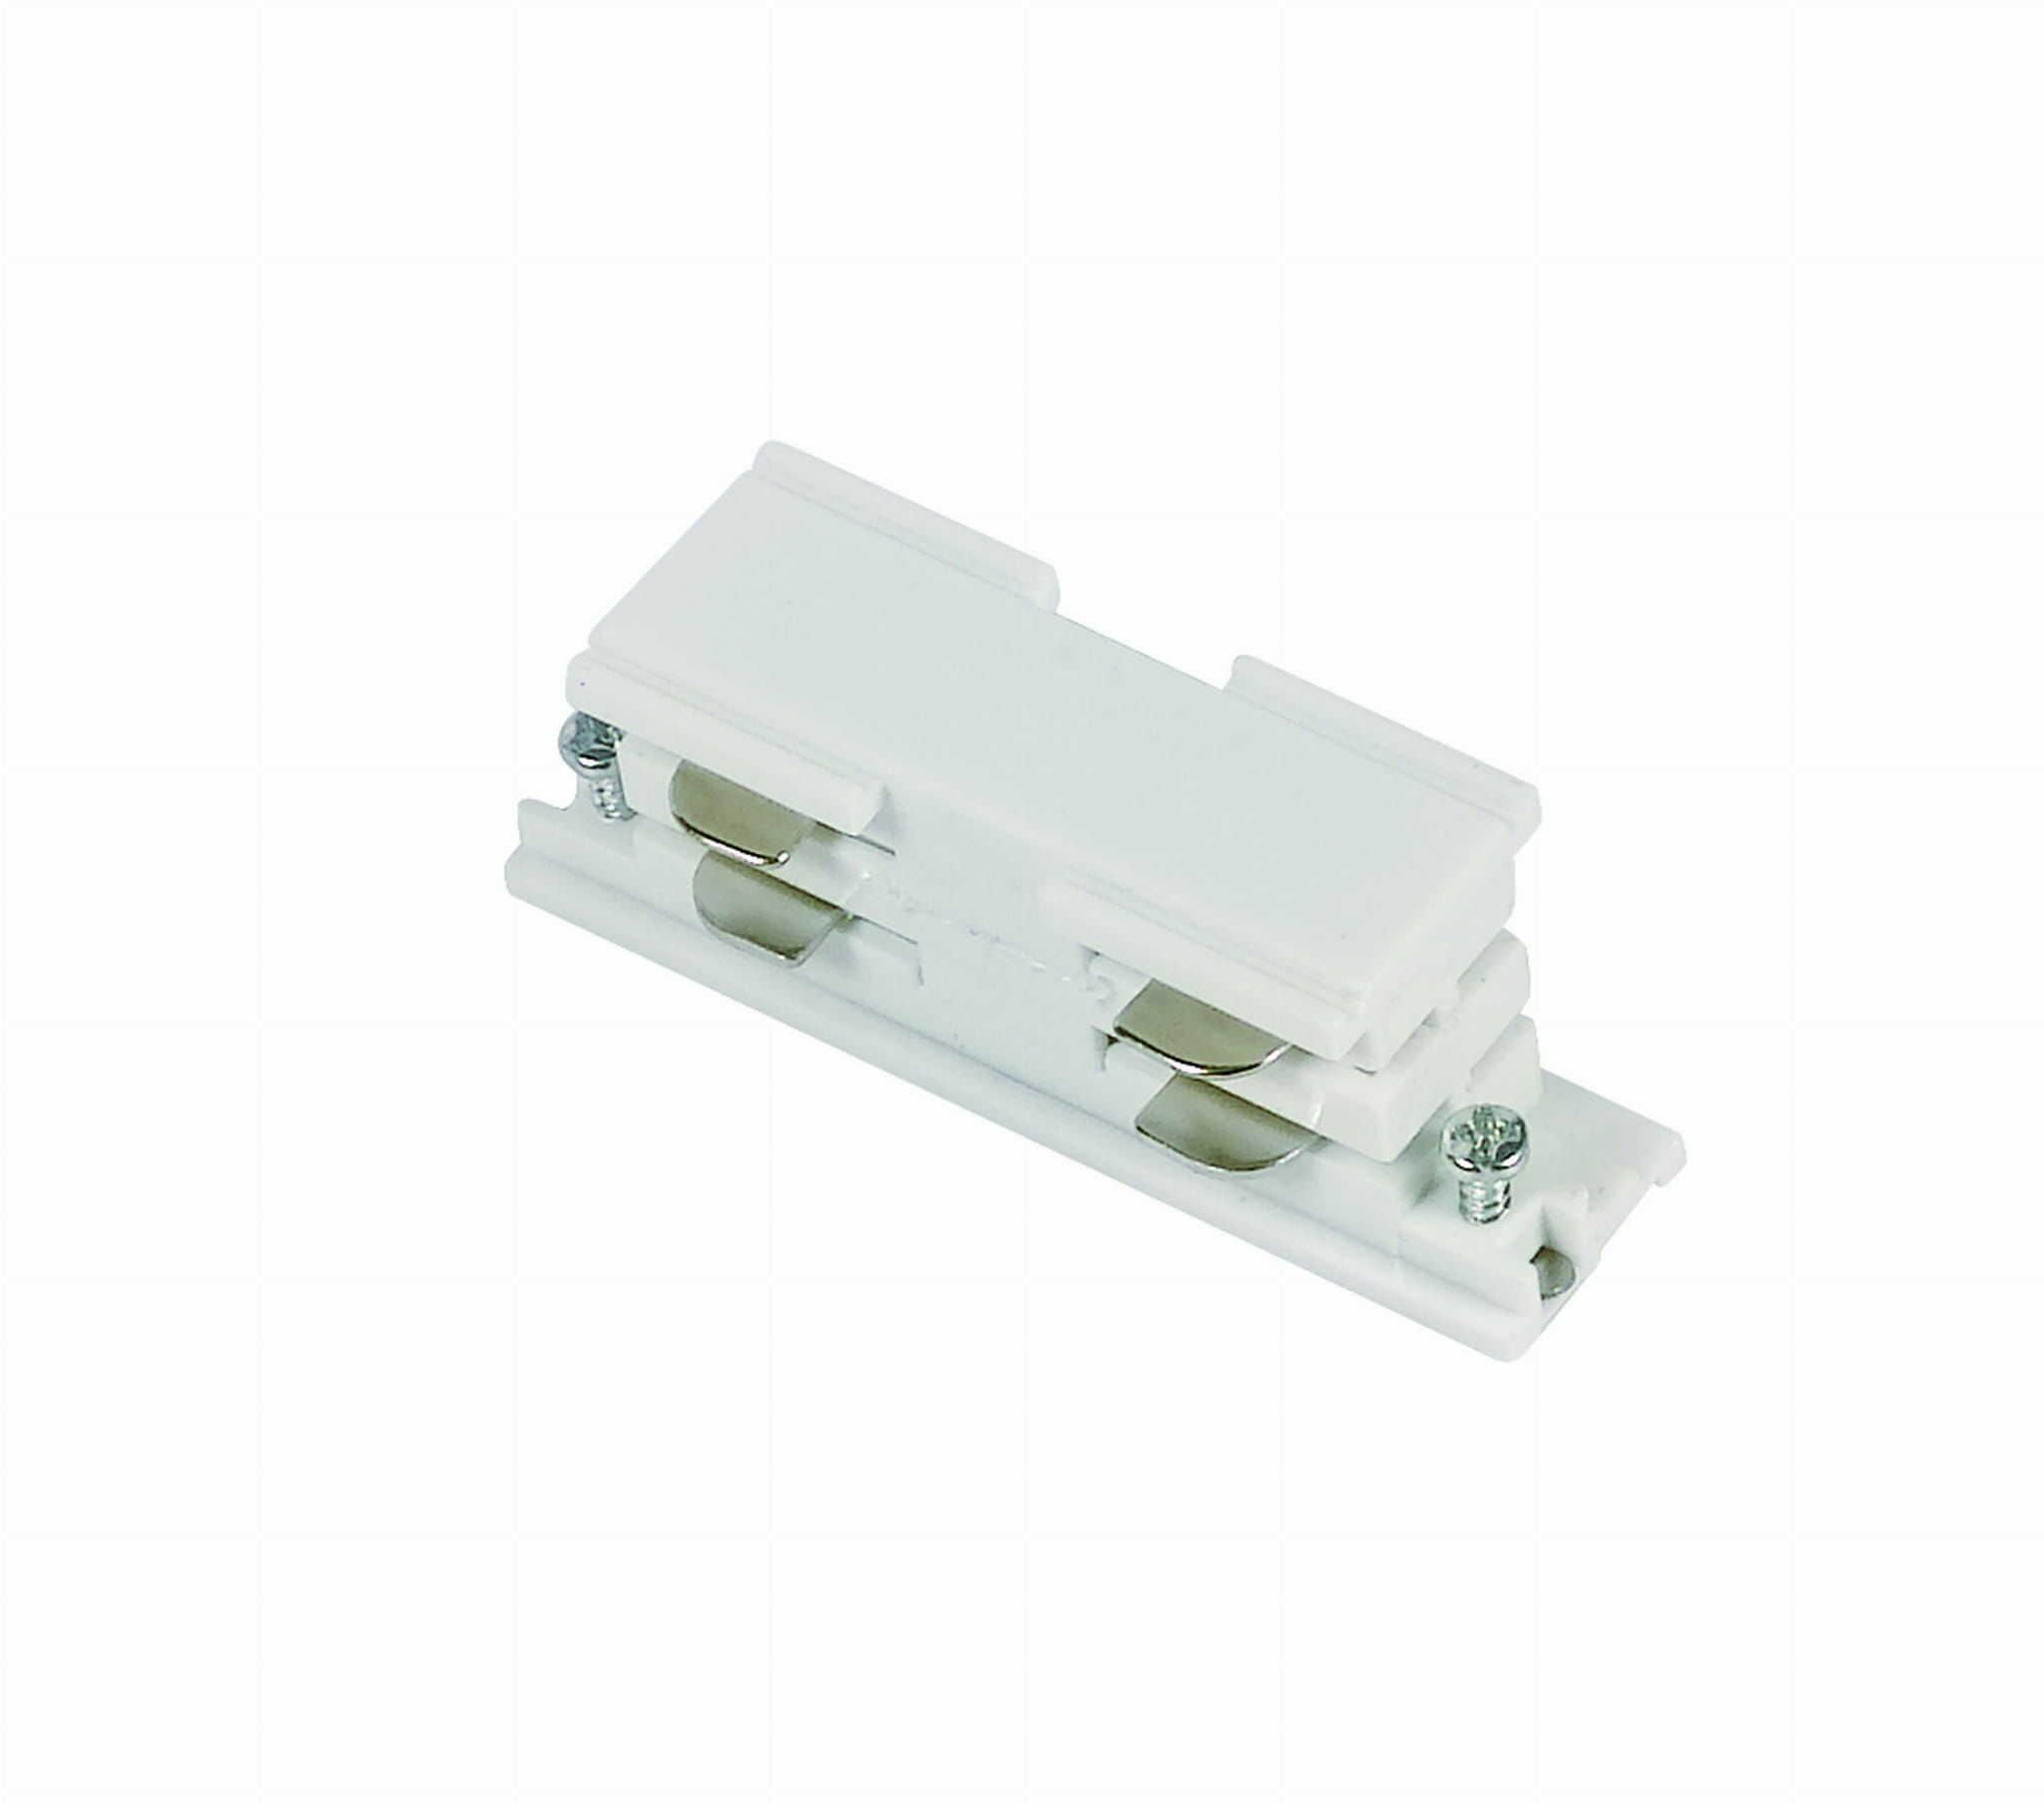 Light Prestige LP-551/4 WH łącznik wewnętrzny do szynoprzewodów 3F biały